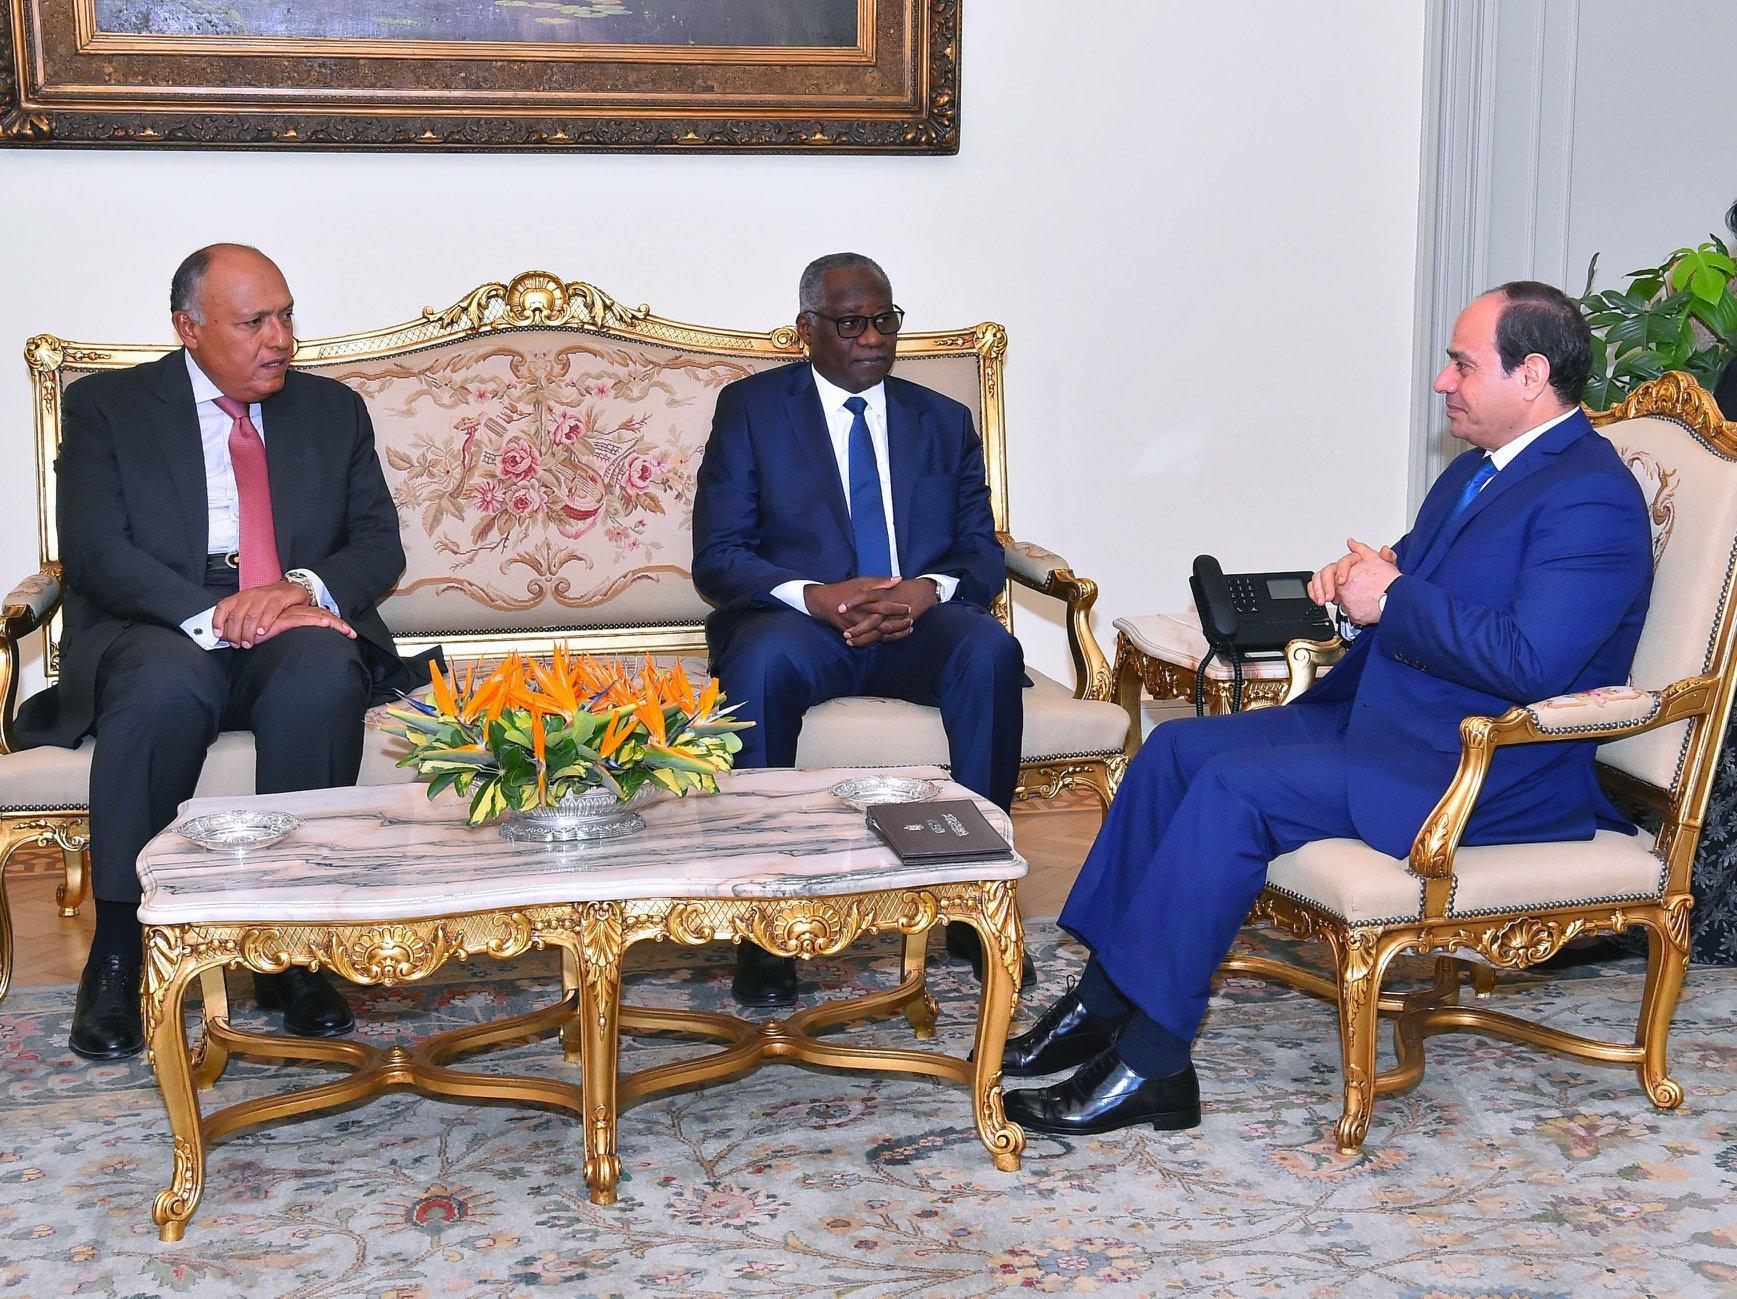 الرئيس السيسي : مصر تولى اهتمامًا كبيرًا لصون السلم والأمن وتحقيق الاستقرار بأفريقيا